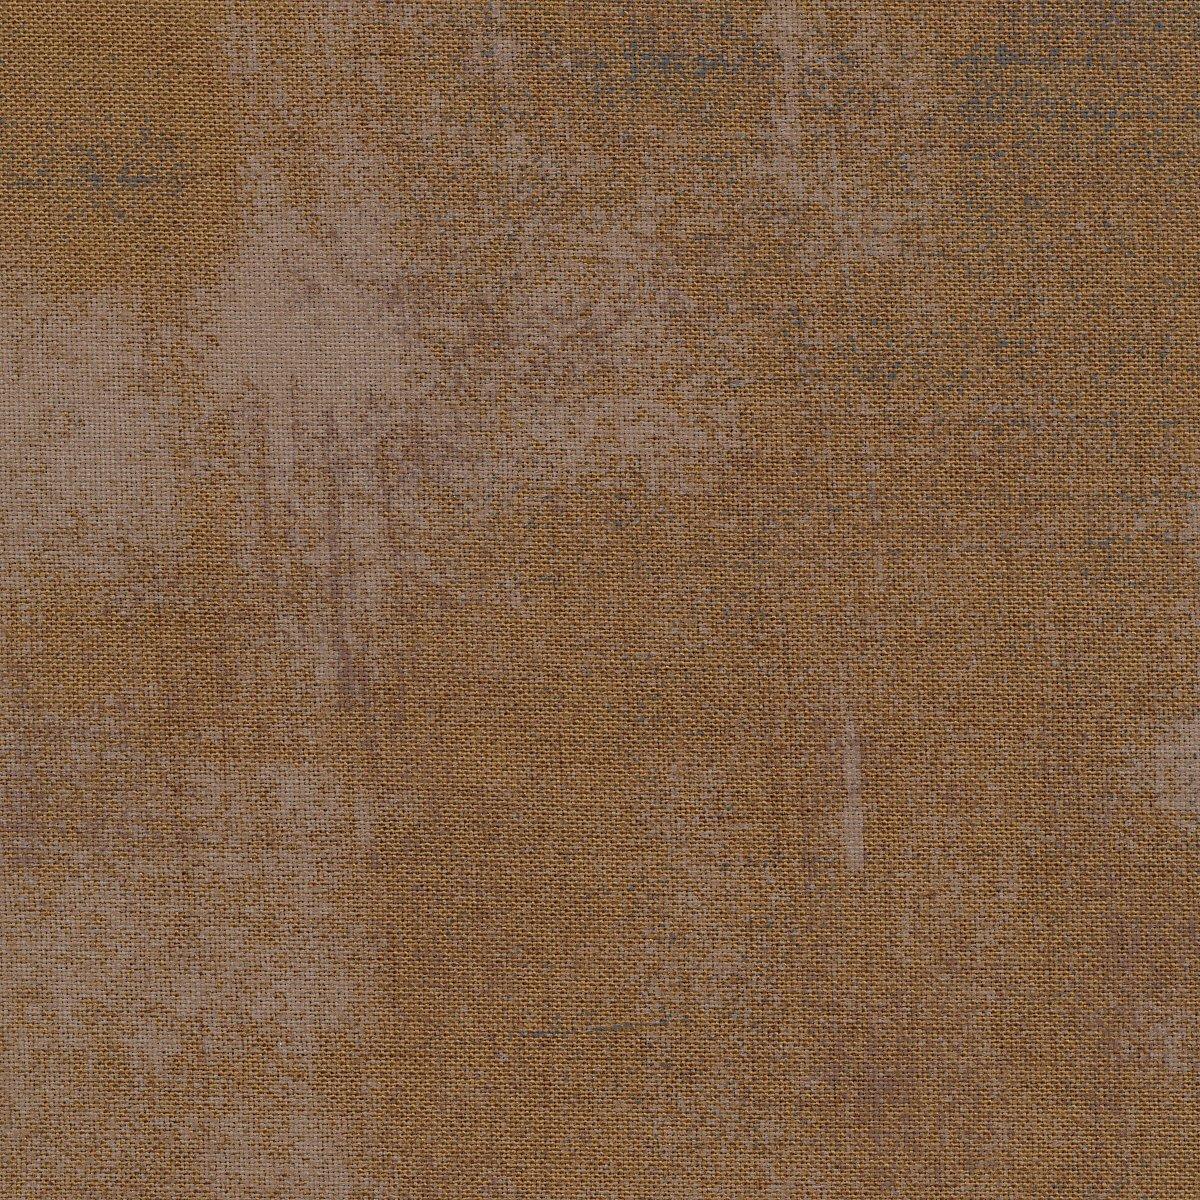 Grunge Basics - 530150-116